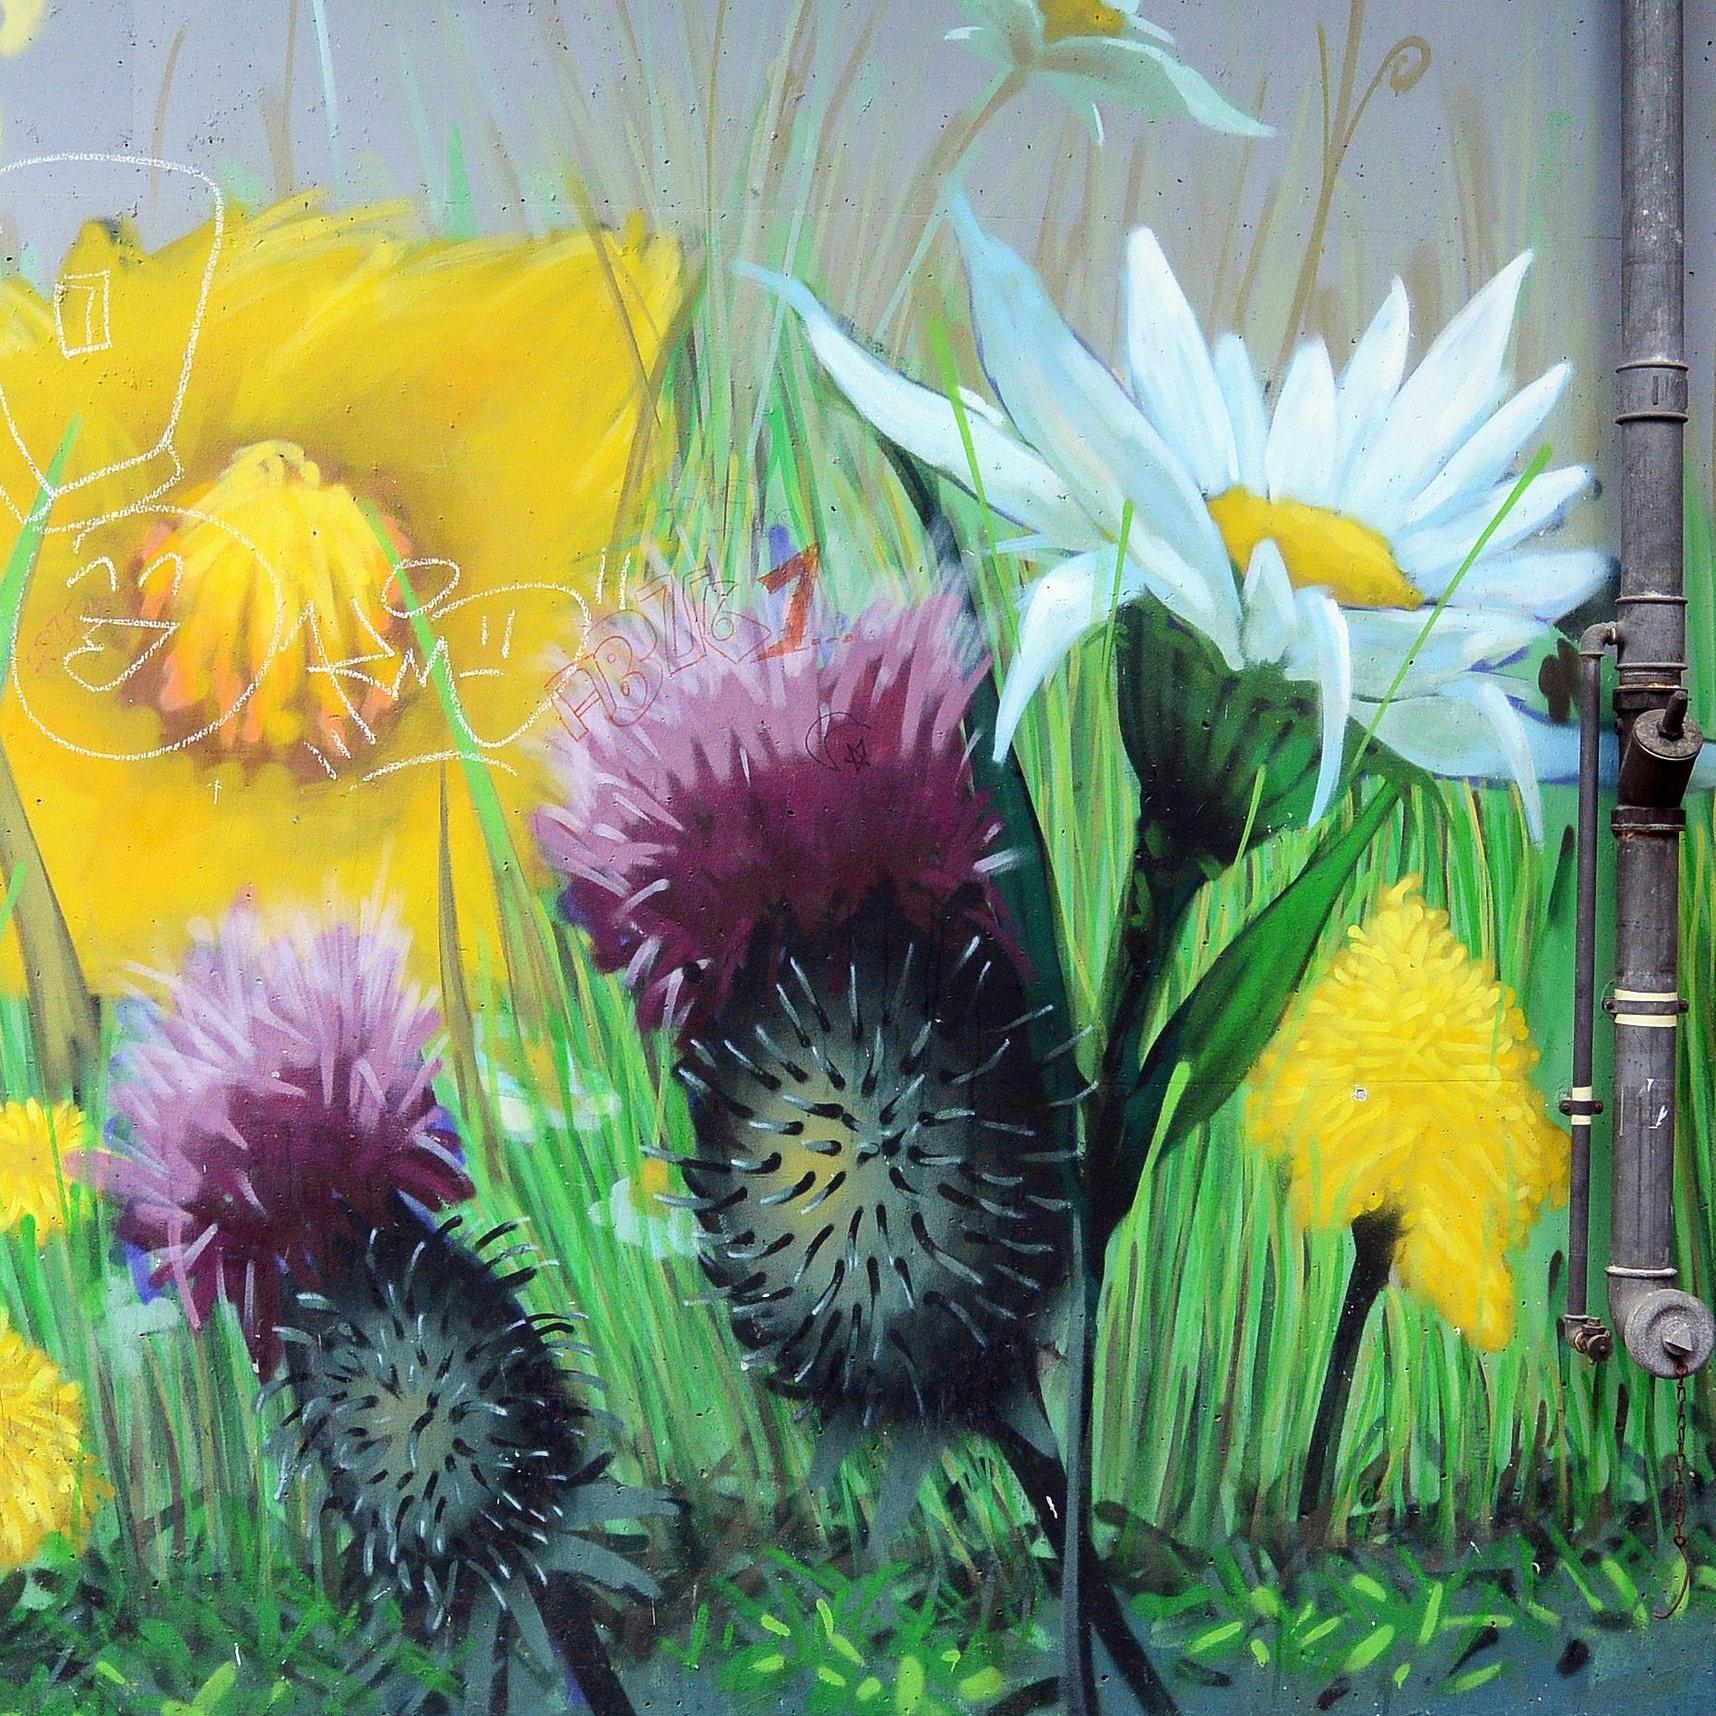 graffiti-2245704.jpg